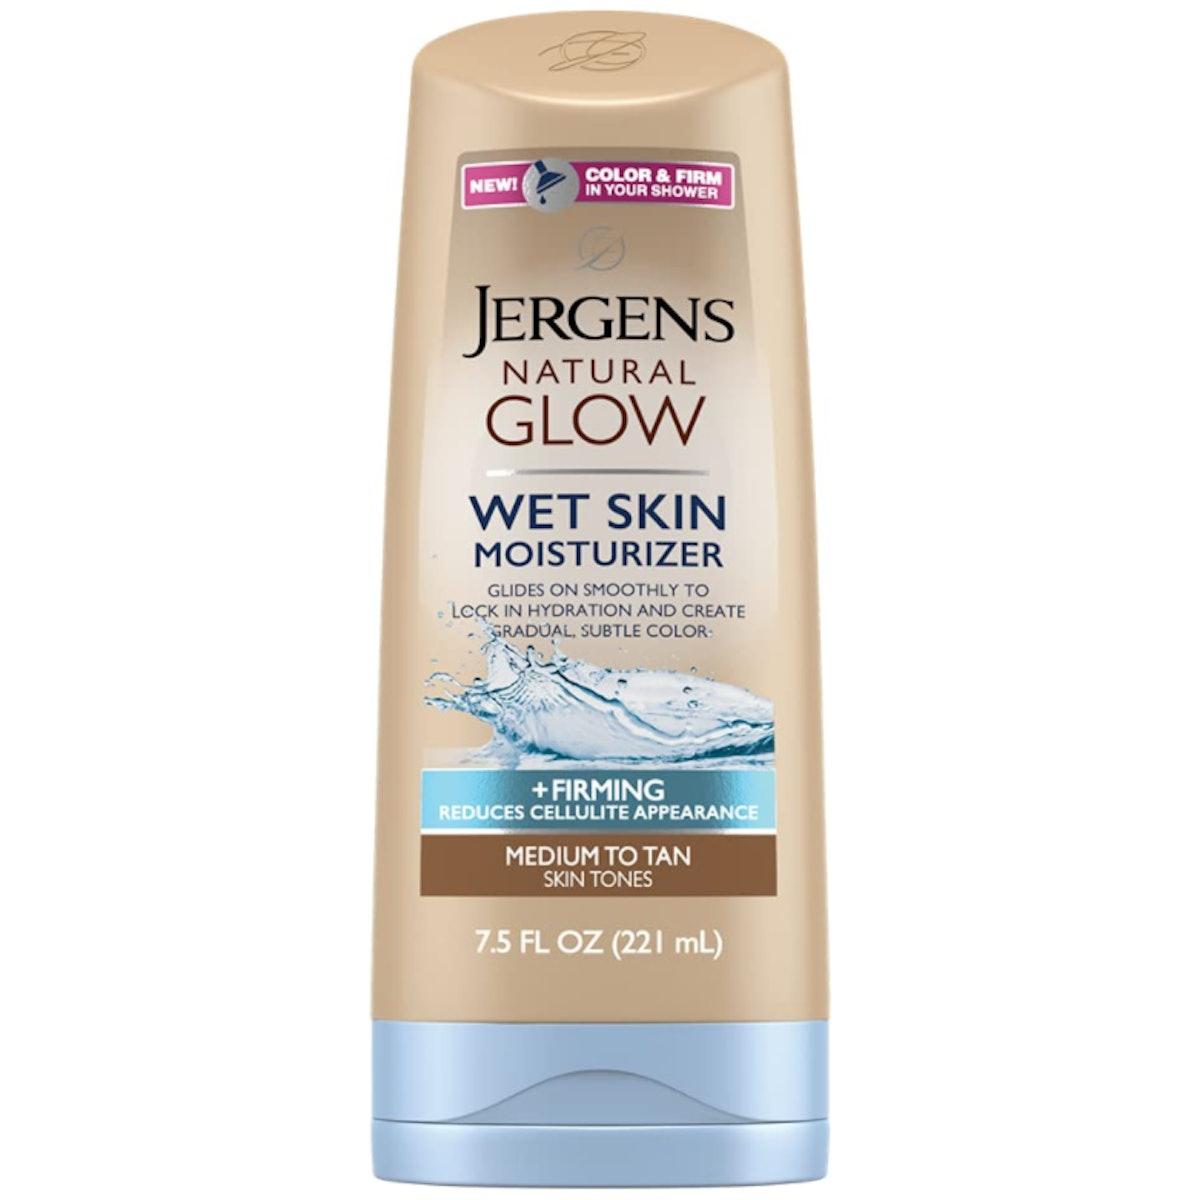 Jergens Natural Glow + Firming Wet Skin Moisturizer